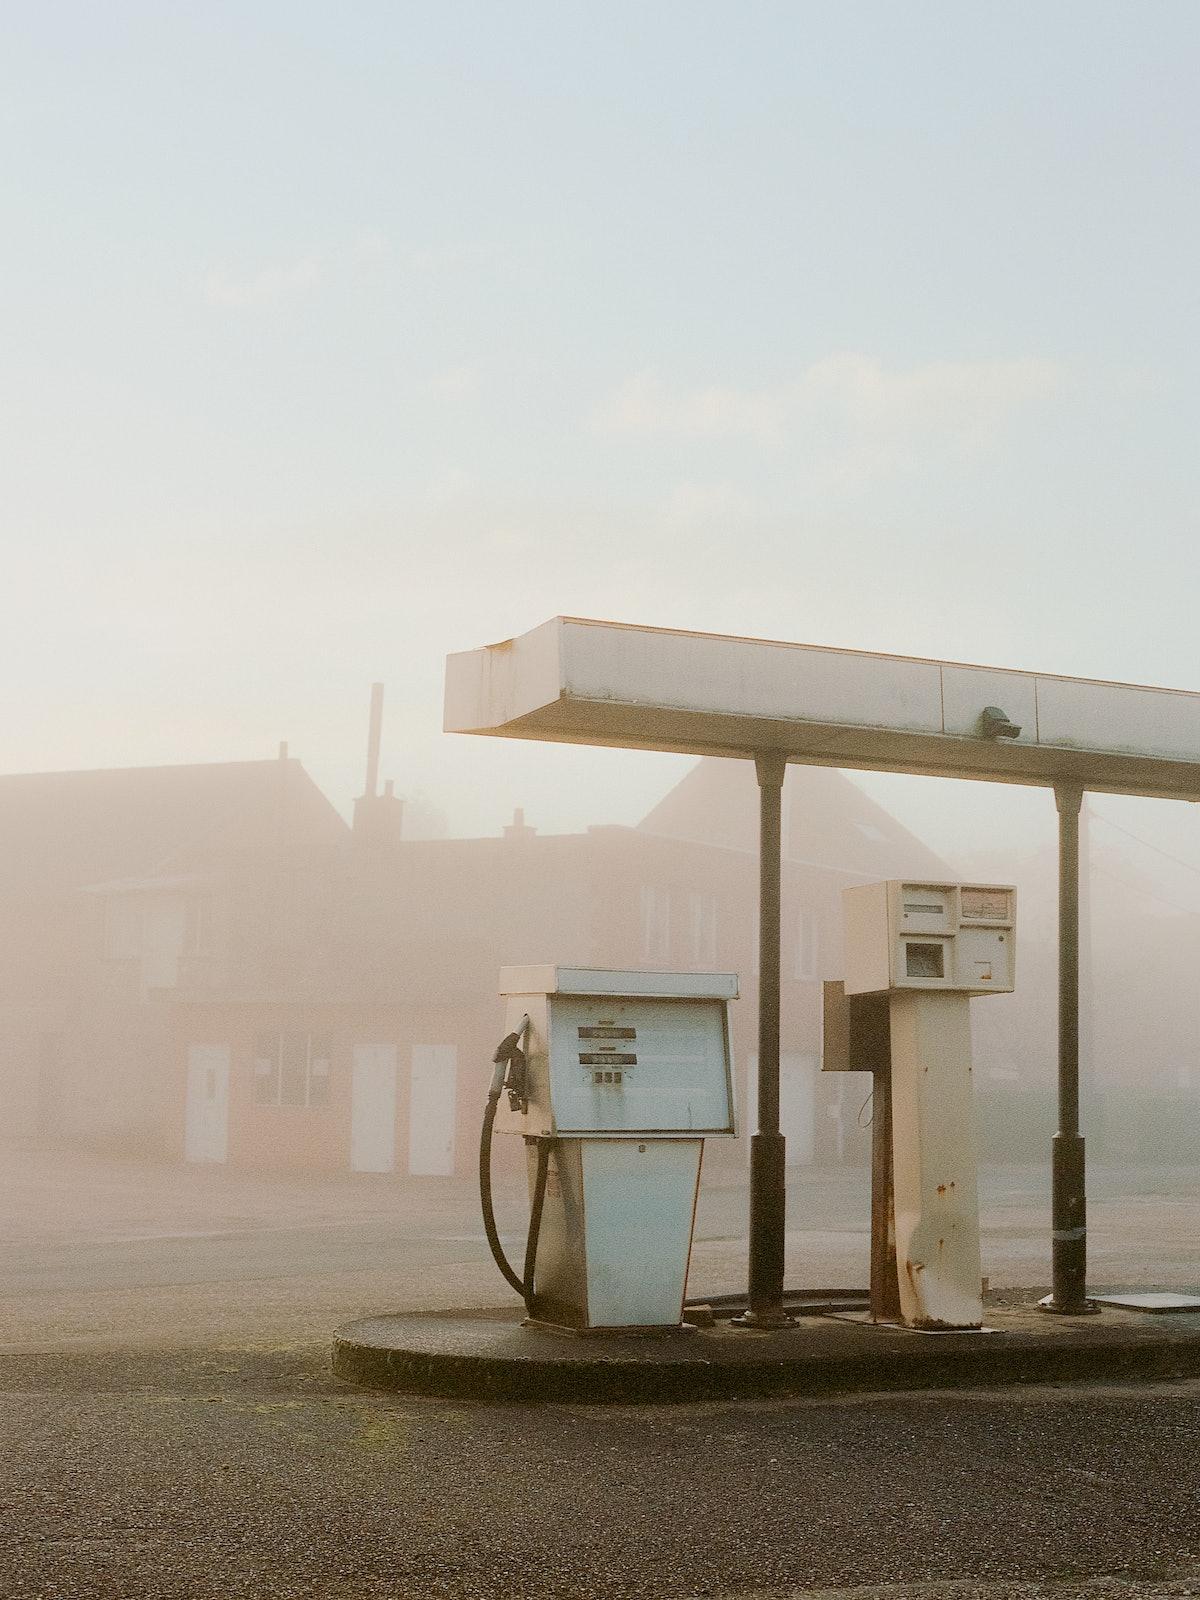 Photo taken in Hasselt, Belgium